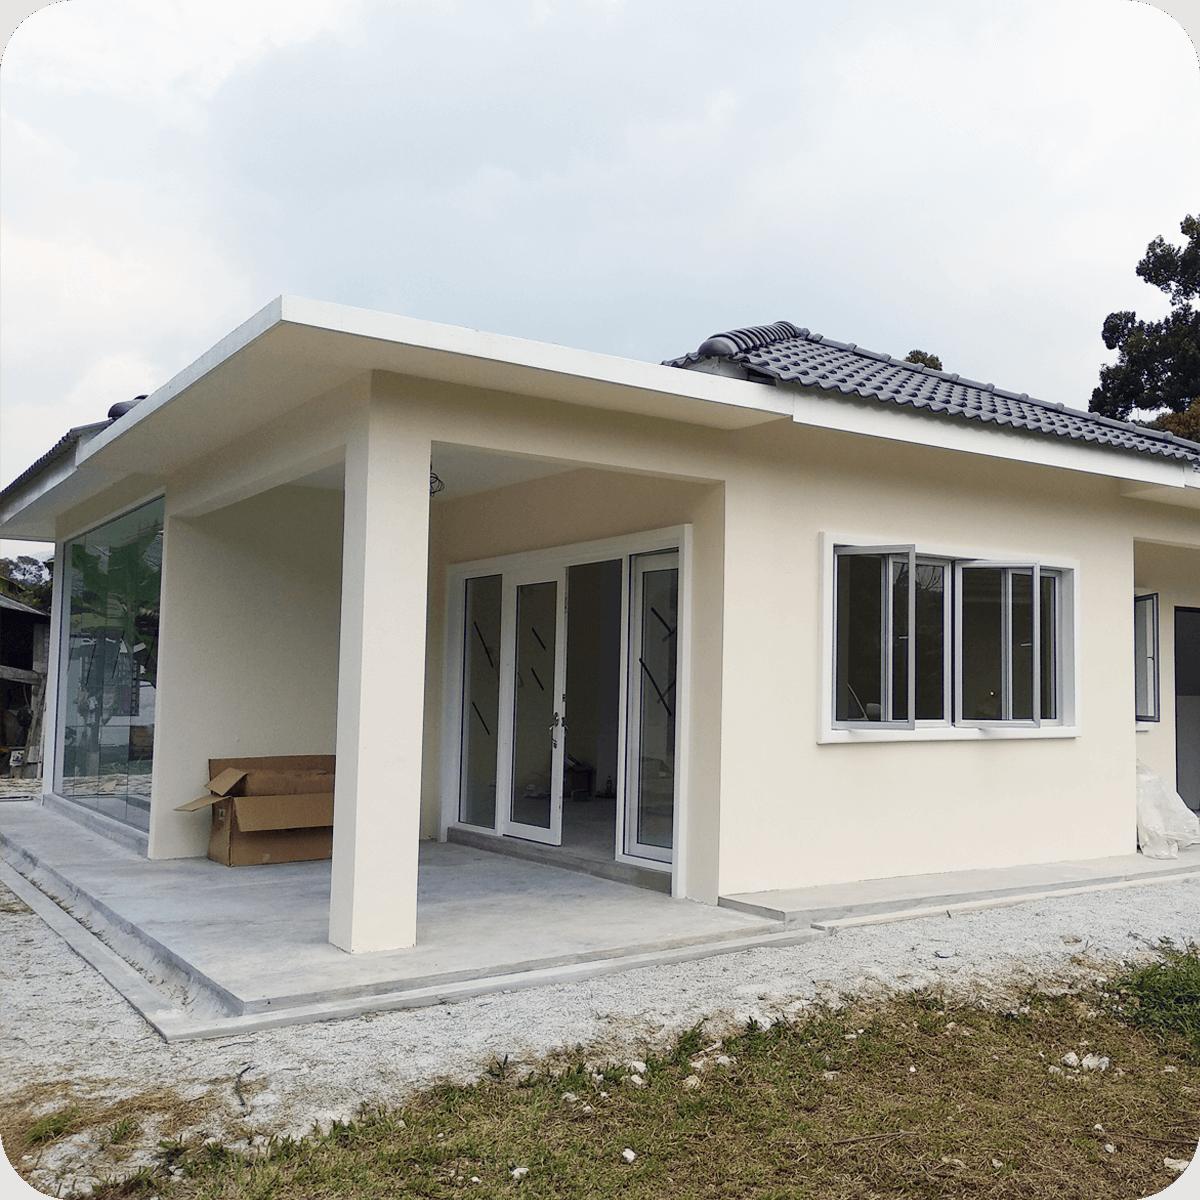 Rumah IBS   Kontraktor Bina Rumah IBS (LPPSA, KWSP & Tunai) 16